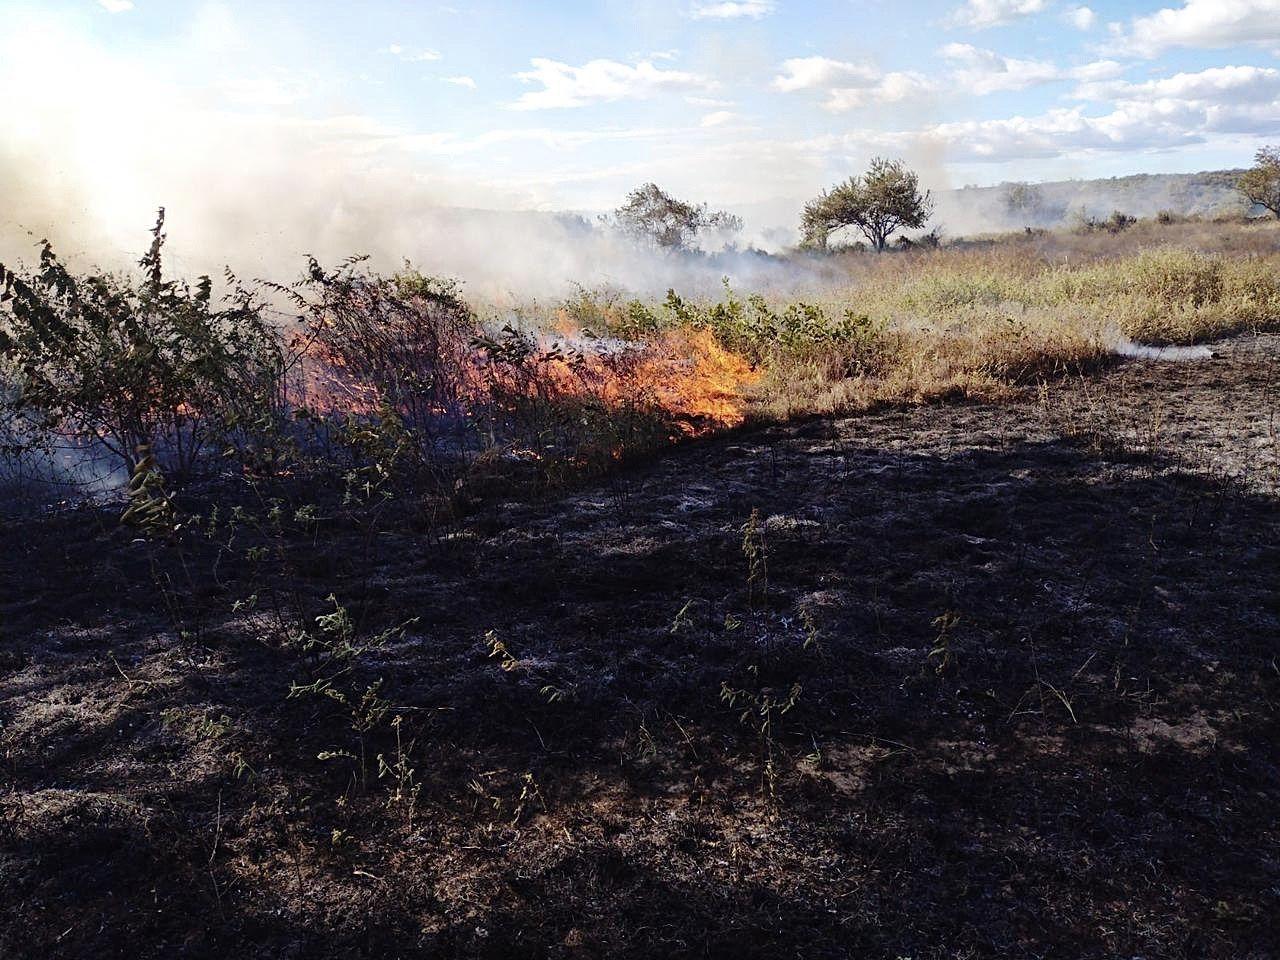 Siguen los incendios forestales en Neiva